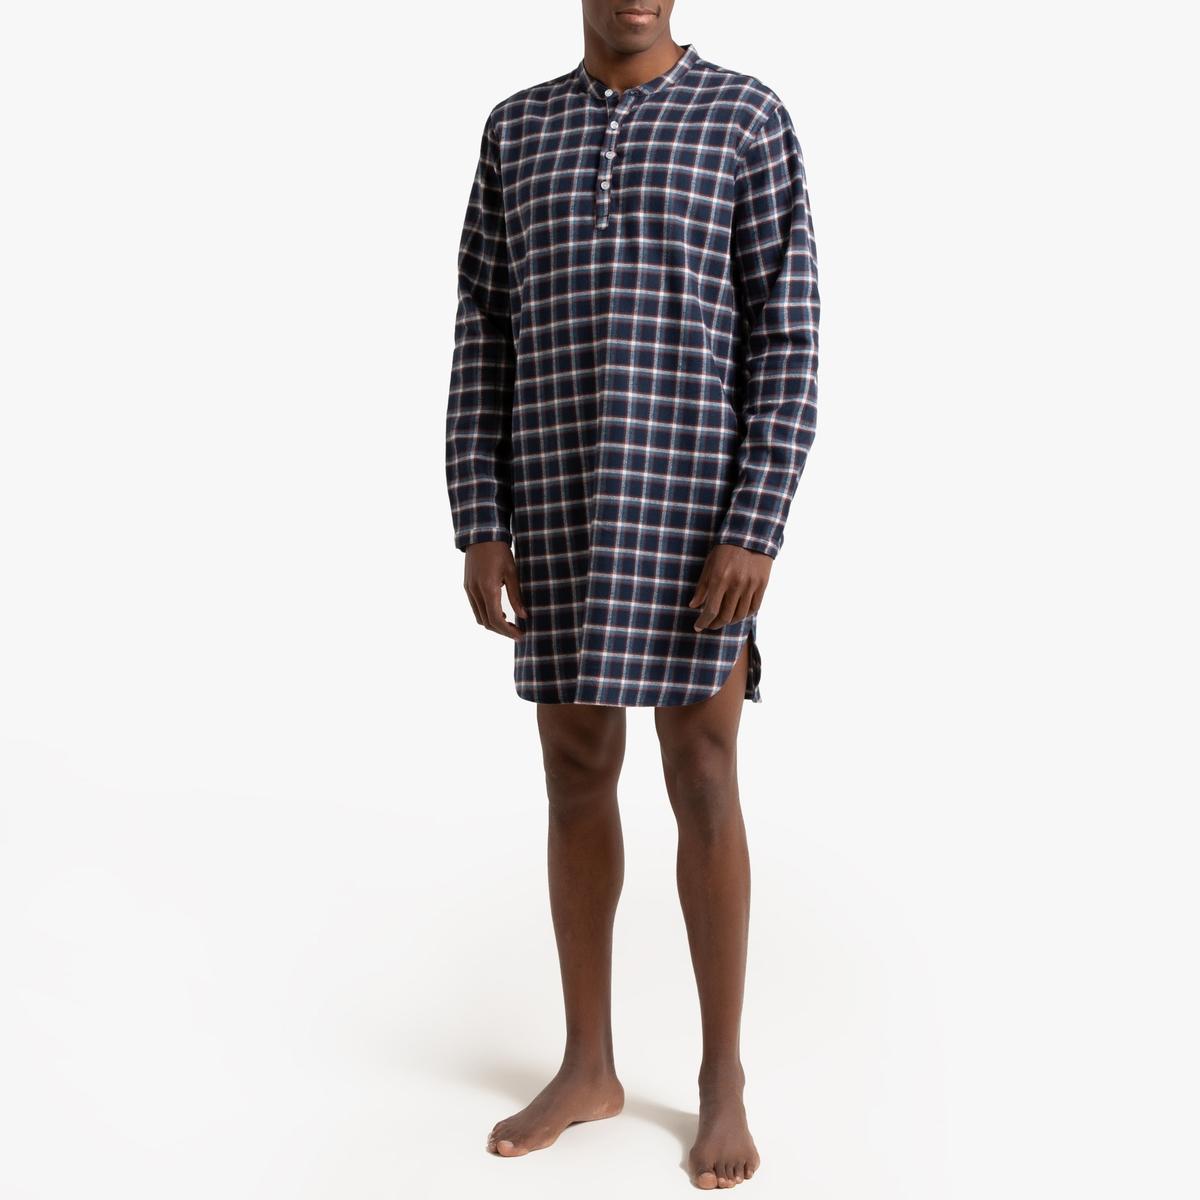 цена Пижама La Redoute С рубашкой в клетку с круглым вырезом с разрезом спереди 45/46 синий онлайн в 2017 году